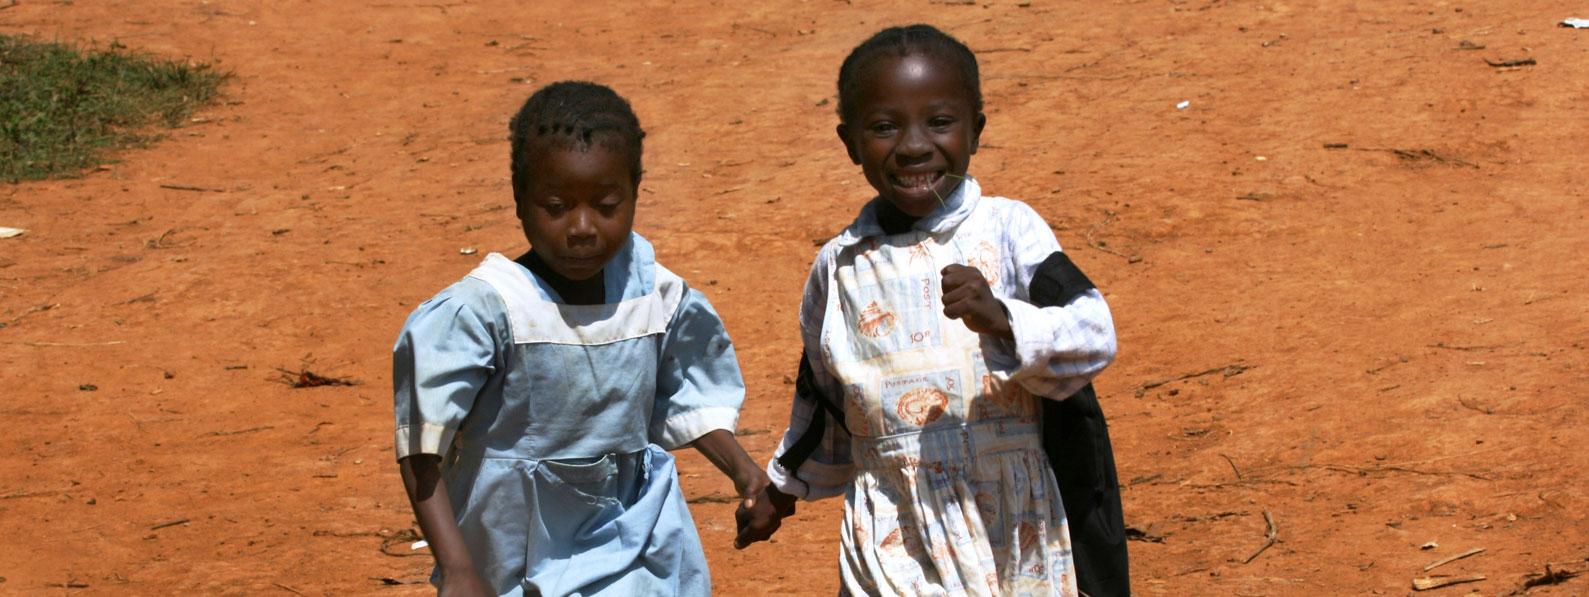 Bambini del Cameroun camminano tenendosi per mano